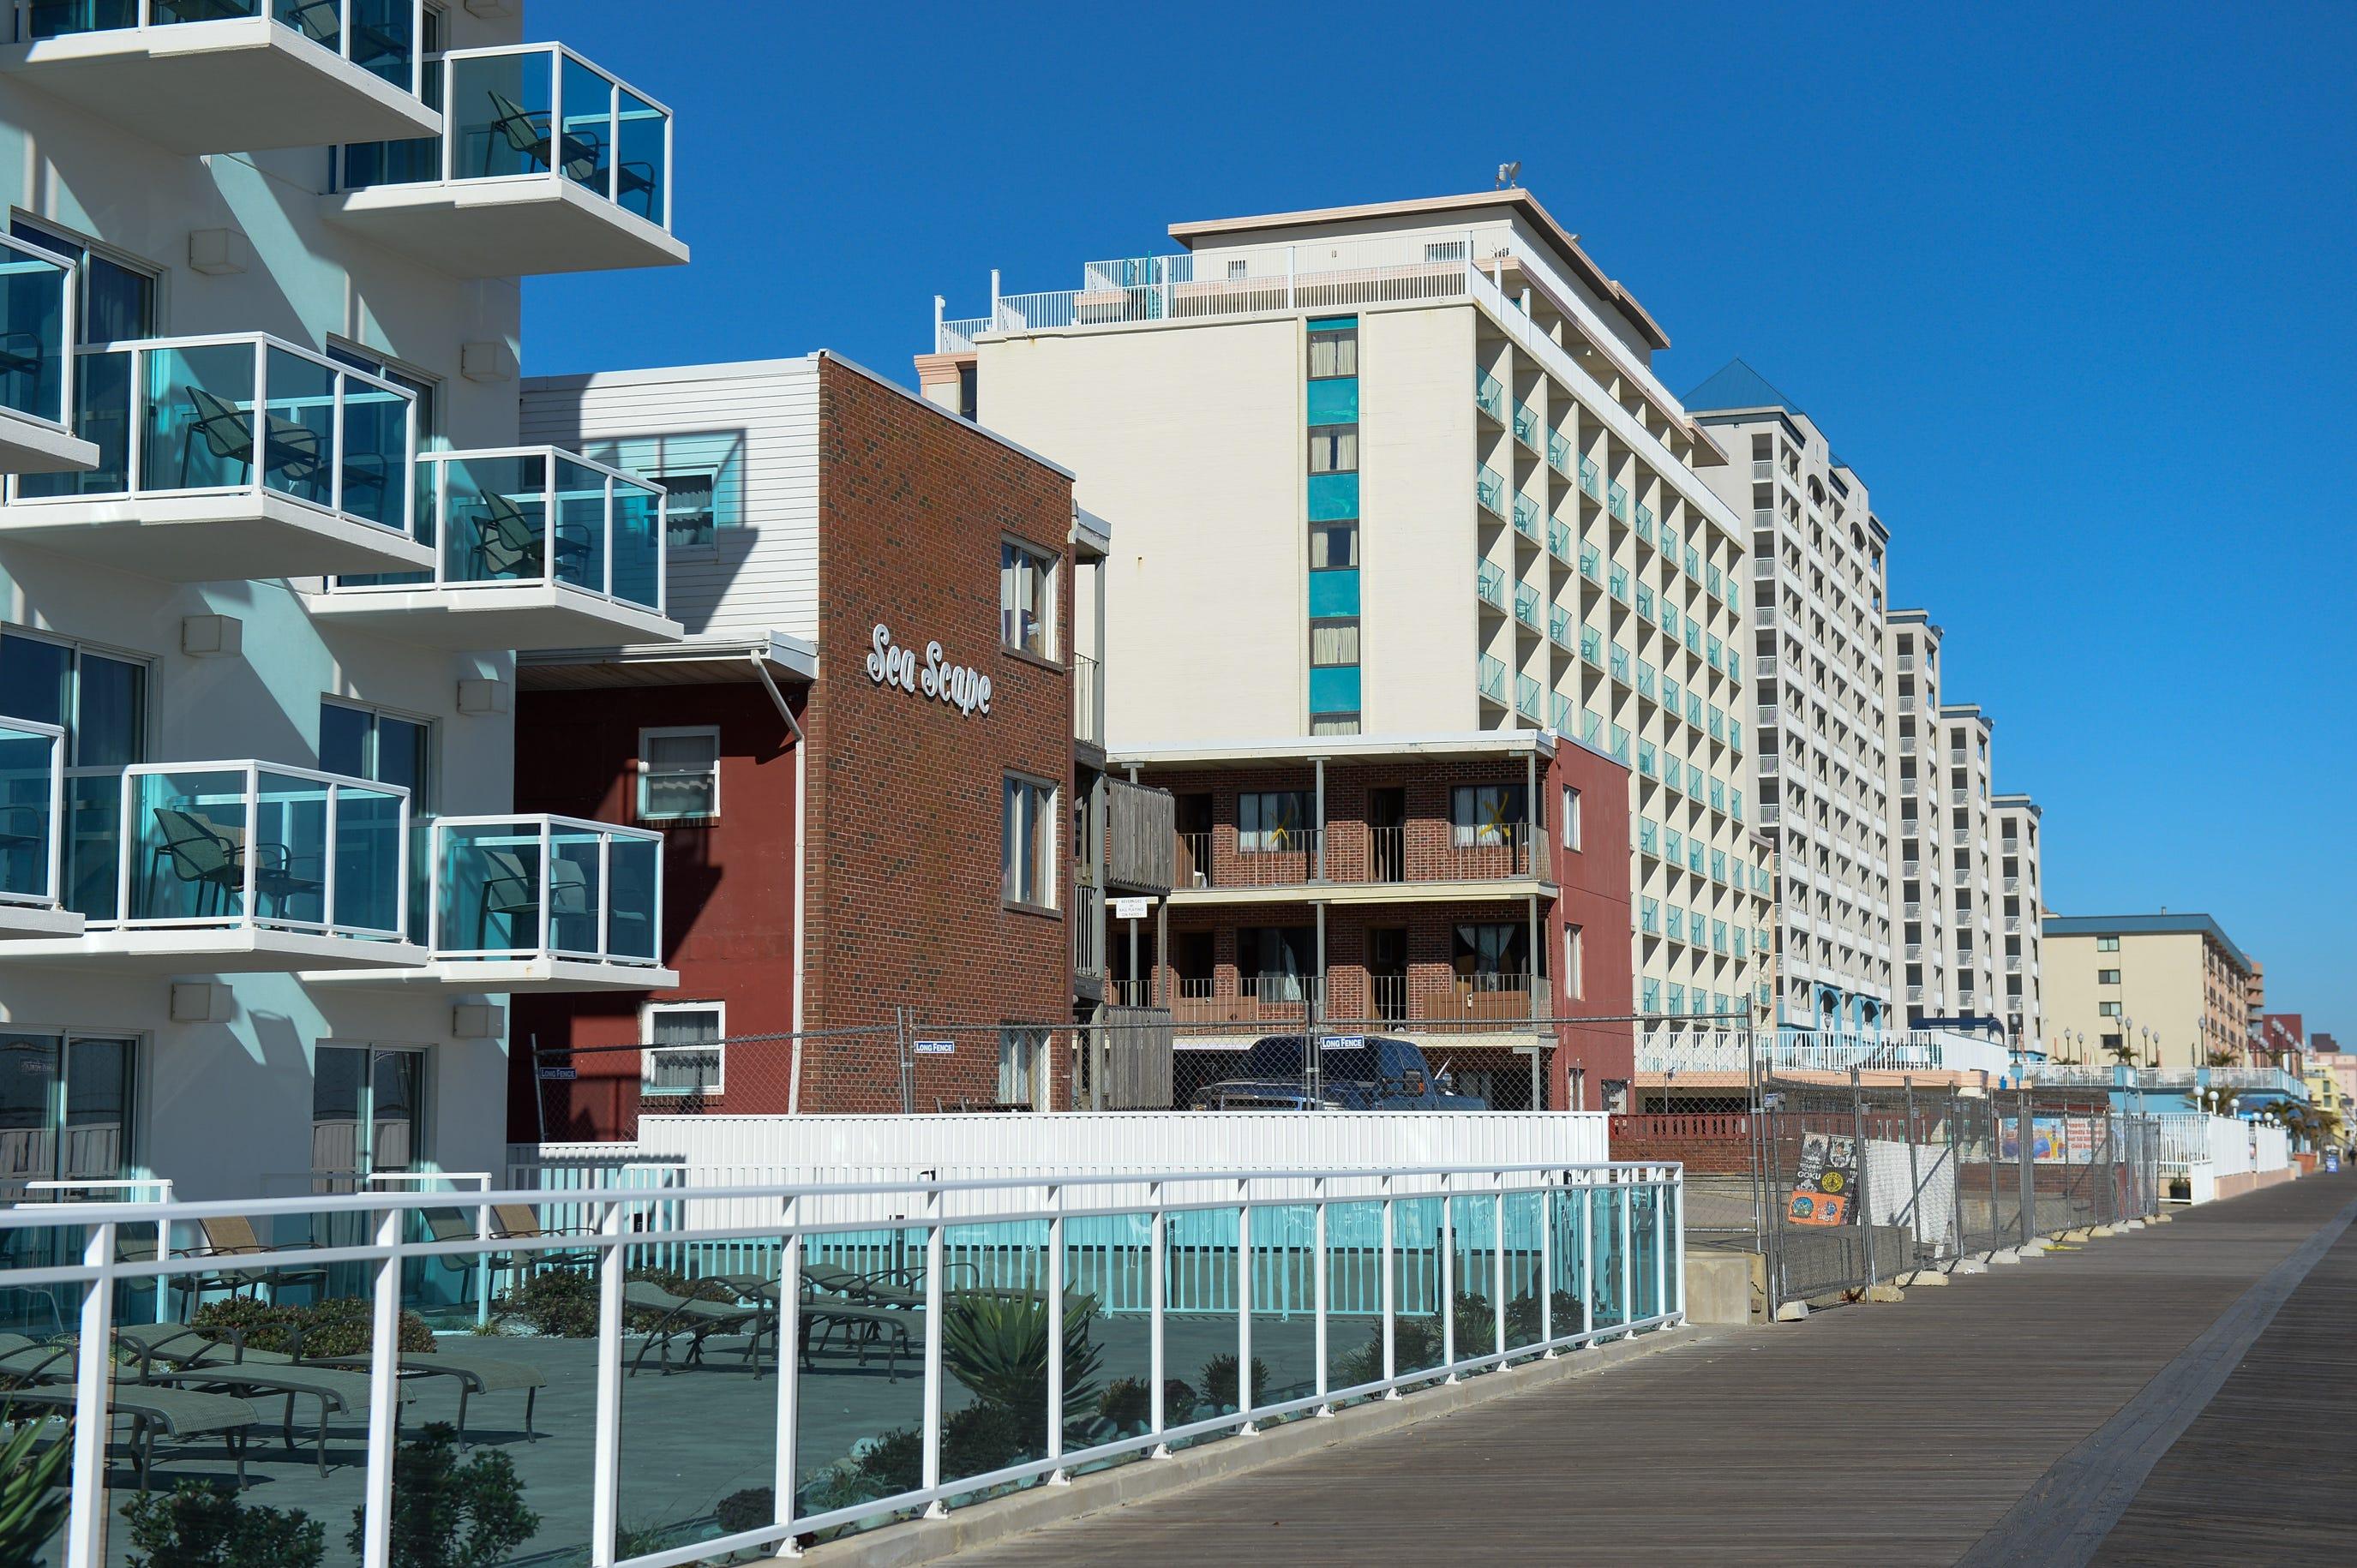 delmarva daily times rh delmarvanow com seascape ocean city md seascape ocean city md 16th street